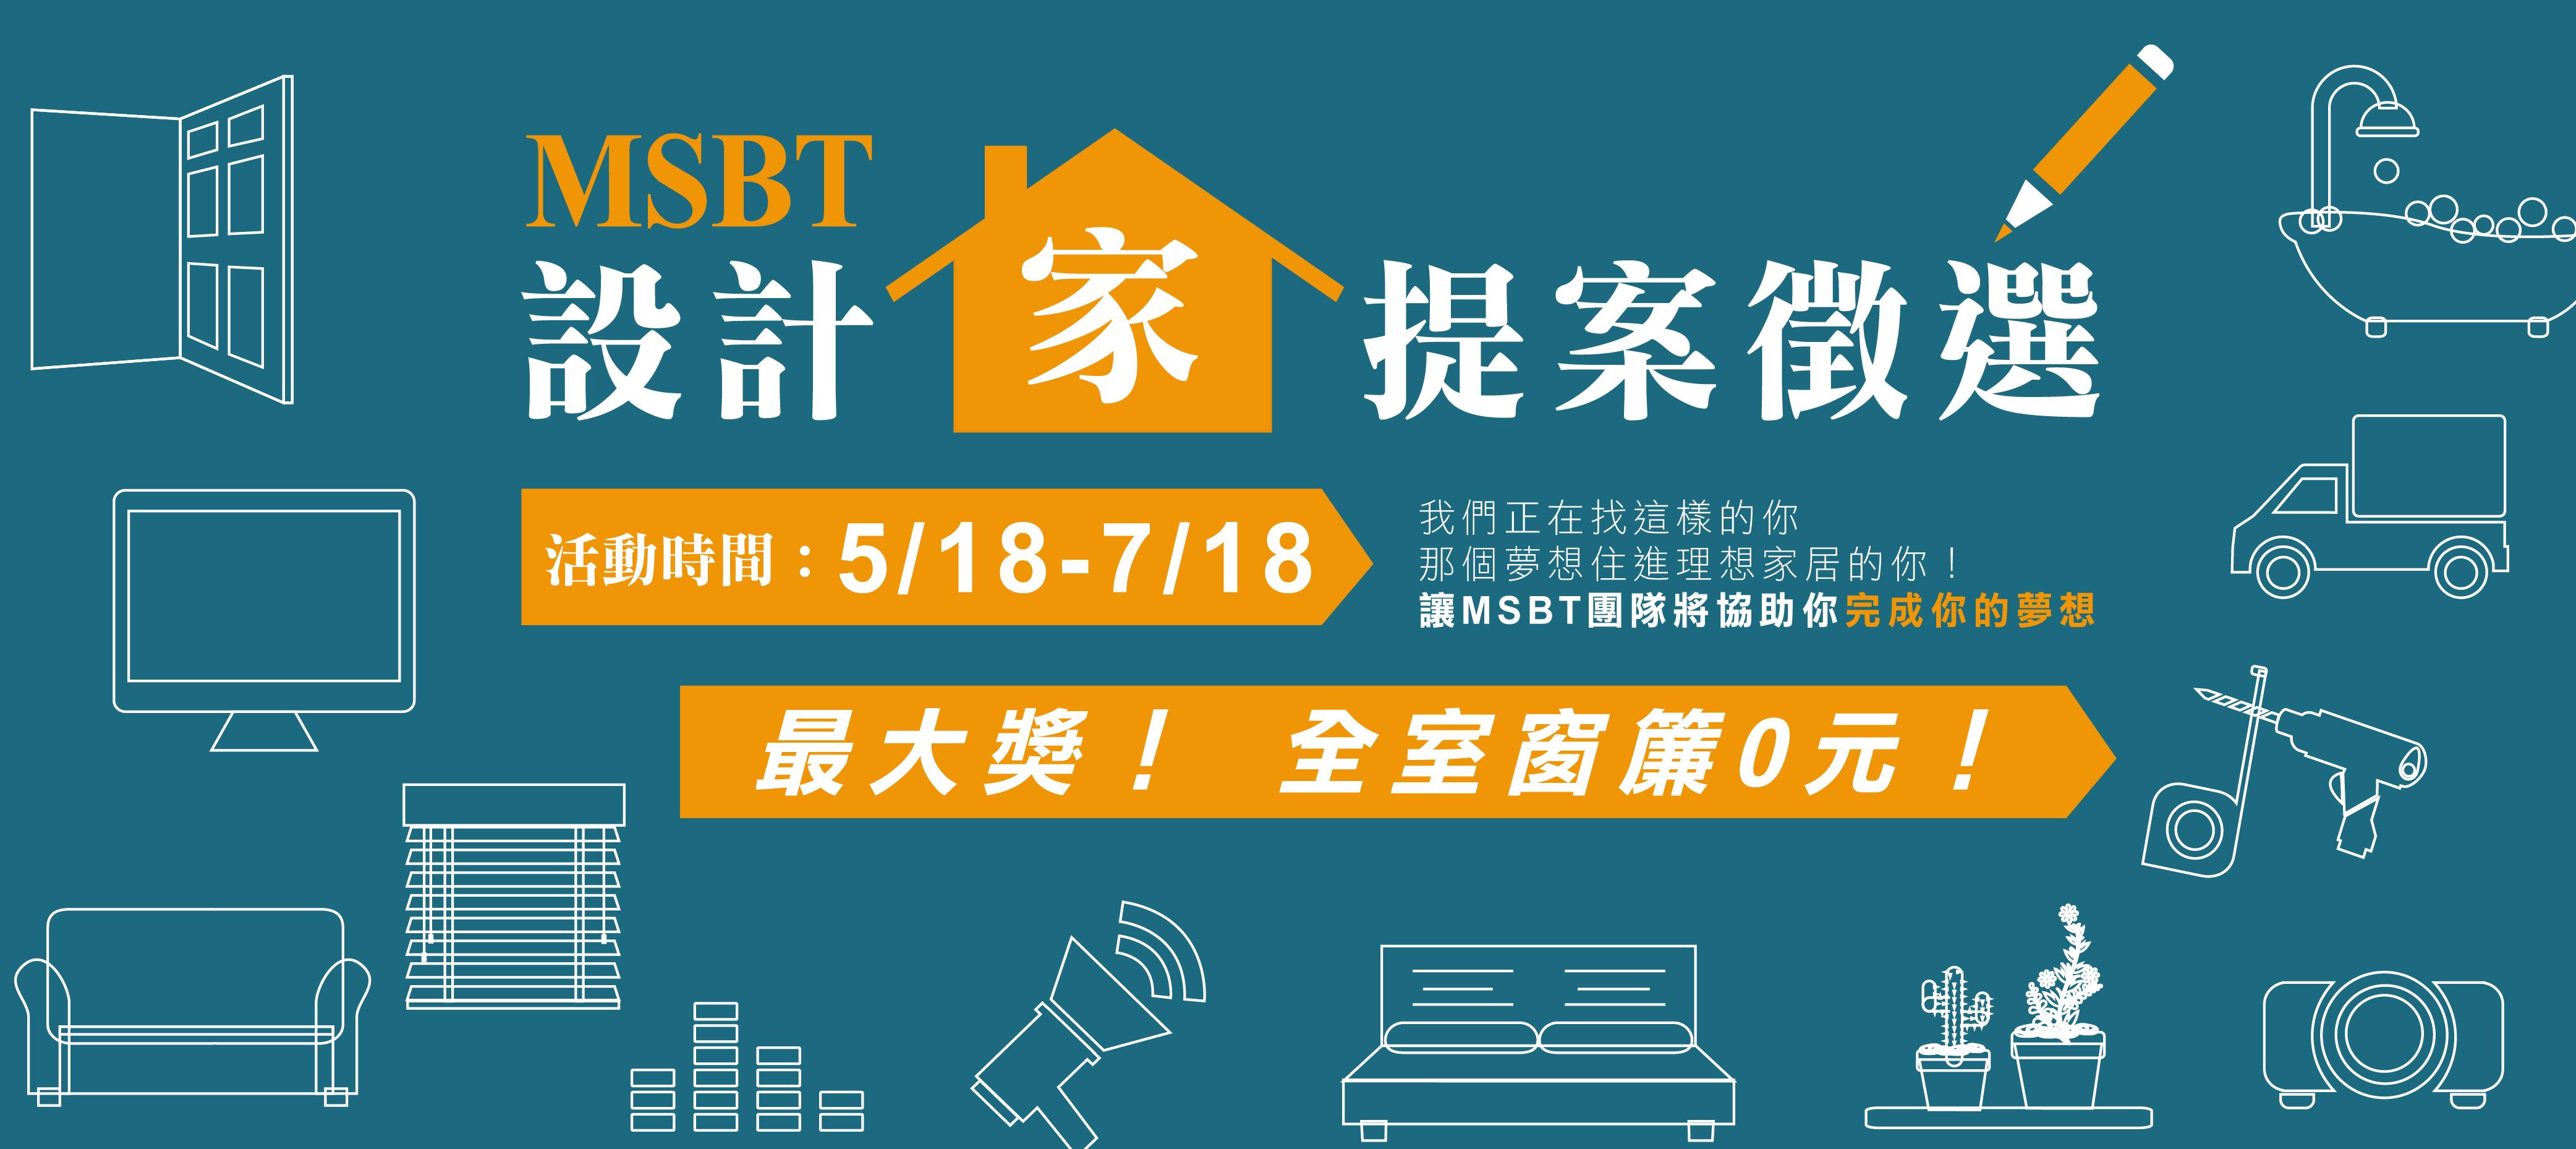 5月設計家提案徵選 06 - 2018 MSBT設計「家」提案徵選 5/18-7/18 ★ 最大獎!全室窗簾0元!